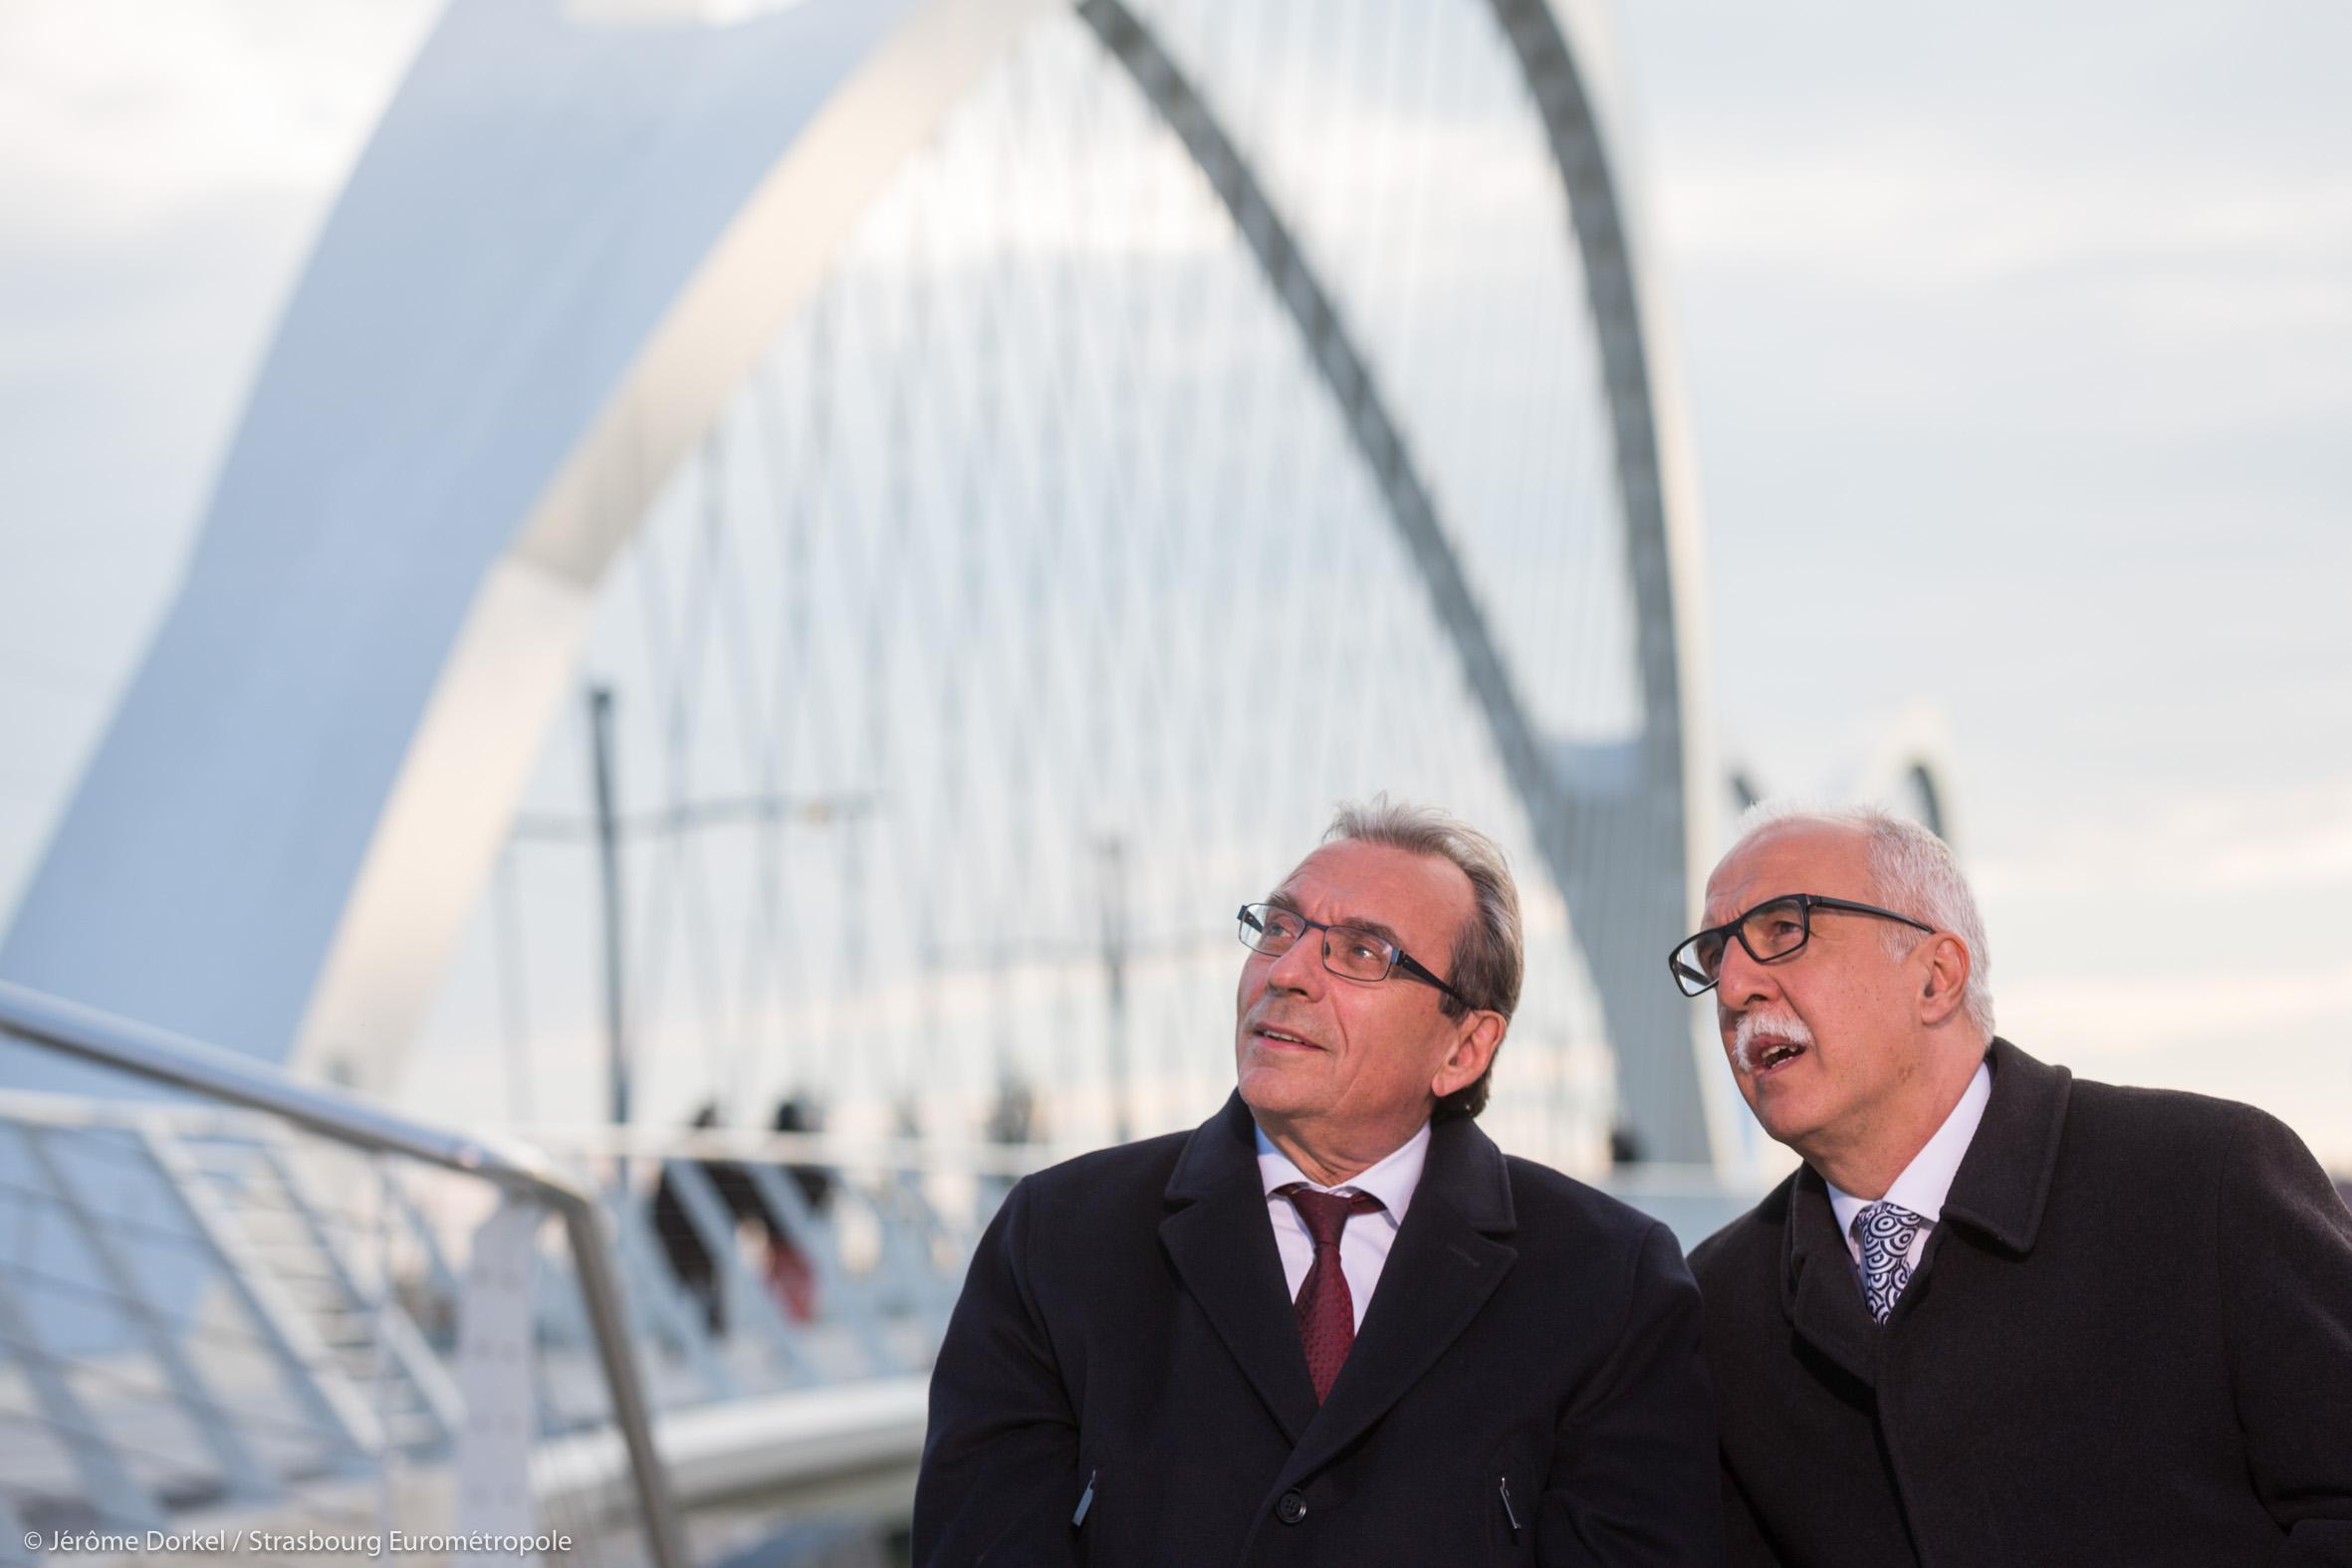 Roland Ries, Maire de Strasbourg, et Toni Vetrano, Maire de Kehl devant le nouveau pont Beatus Rhenanus © Jérôme Dorkel / Eurométropole